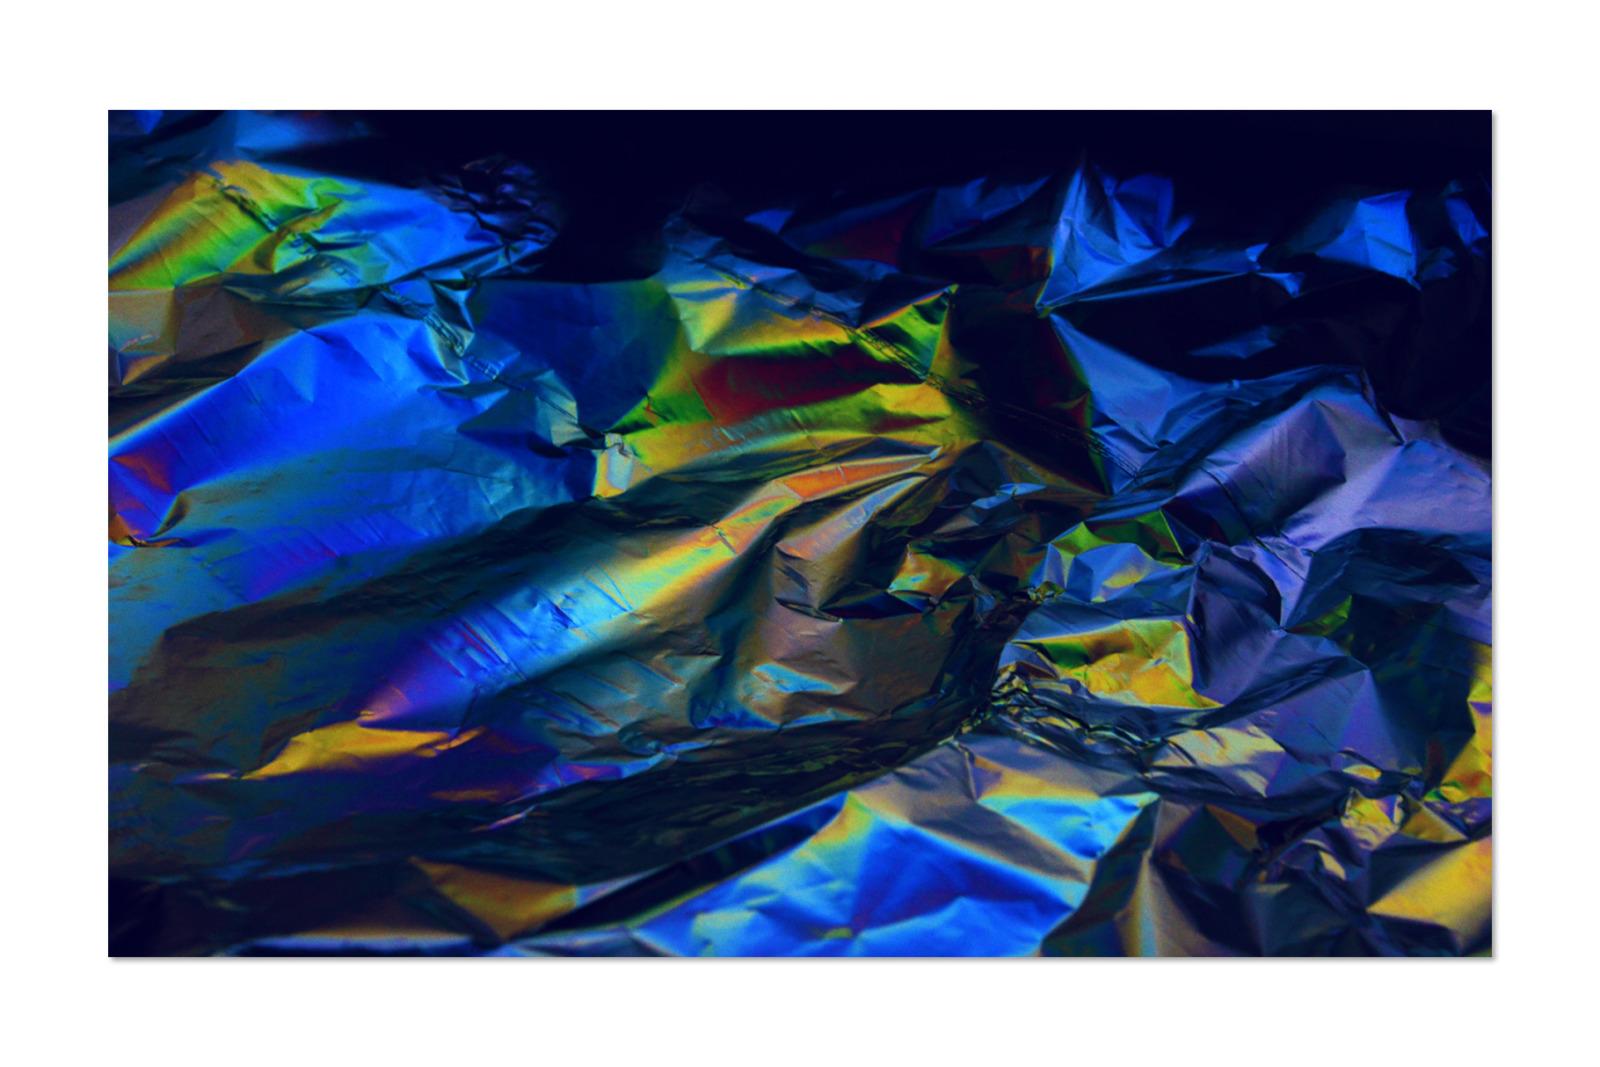 [淘宝购买] 80款潮流全息渐变虹彩金属箔纸纹理海报设计背景图片素材 Crumbled – 80 Foil Textures插图12